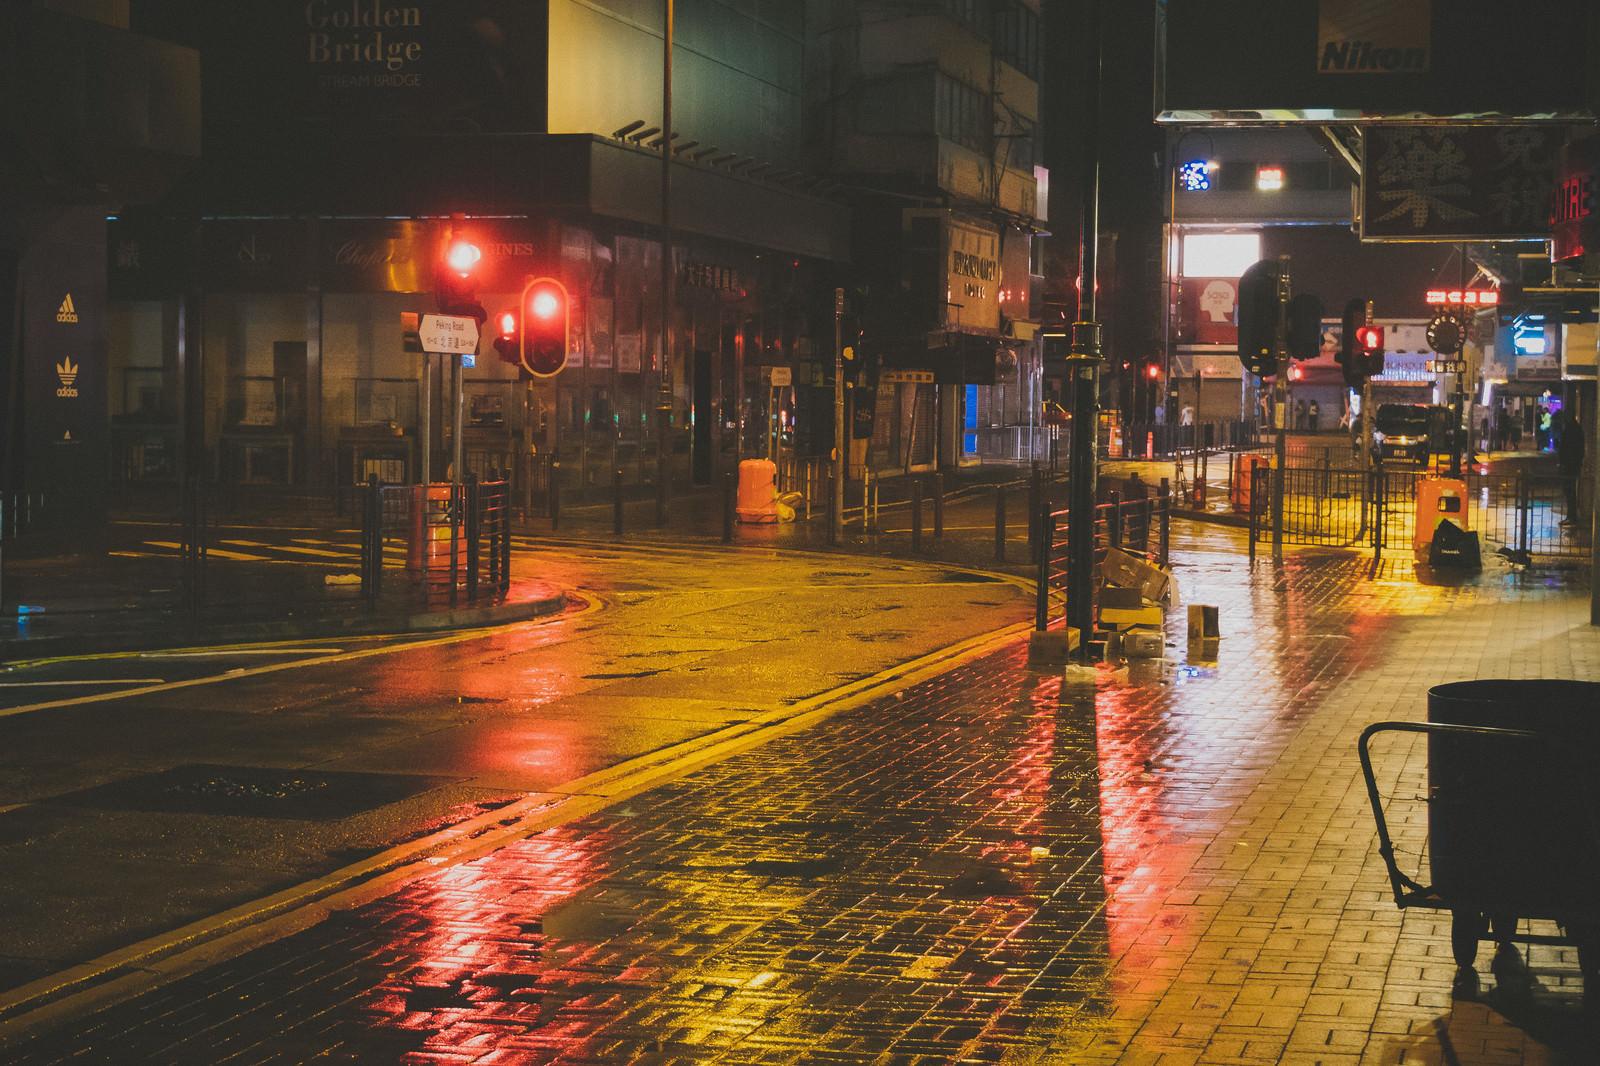 「雨で路面が濡れた街並み(尖沙咀)」の写真